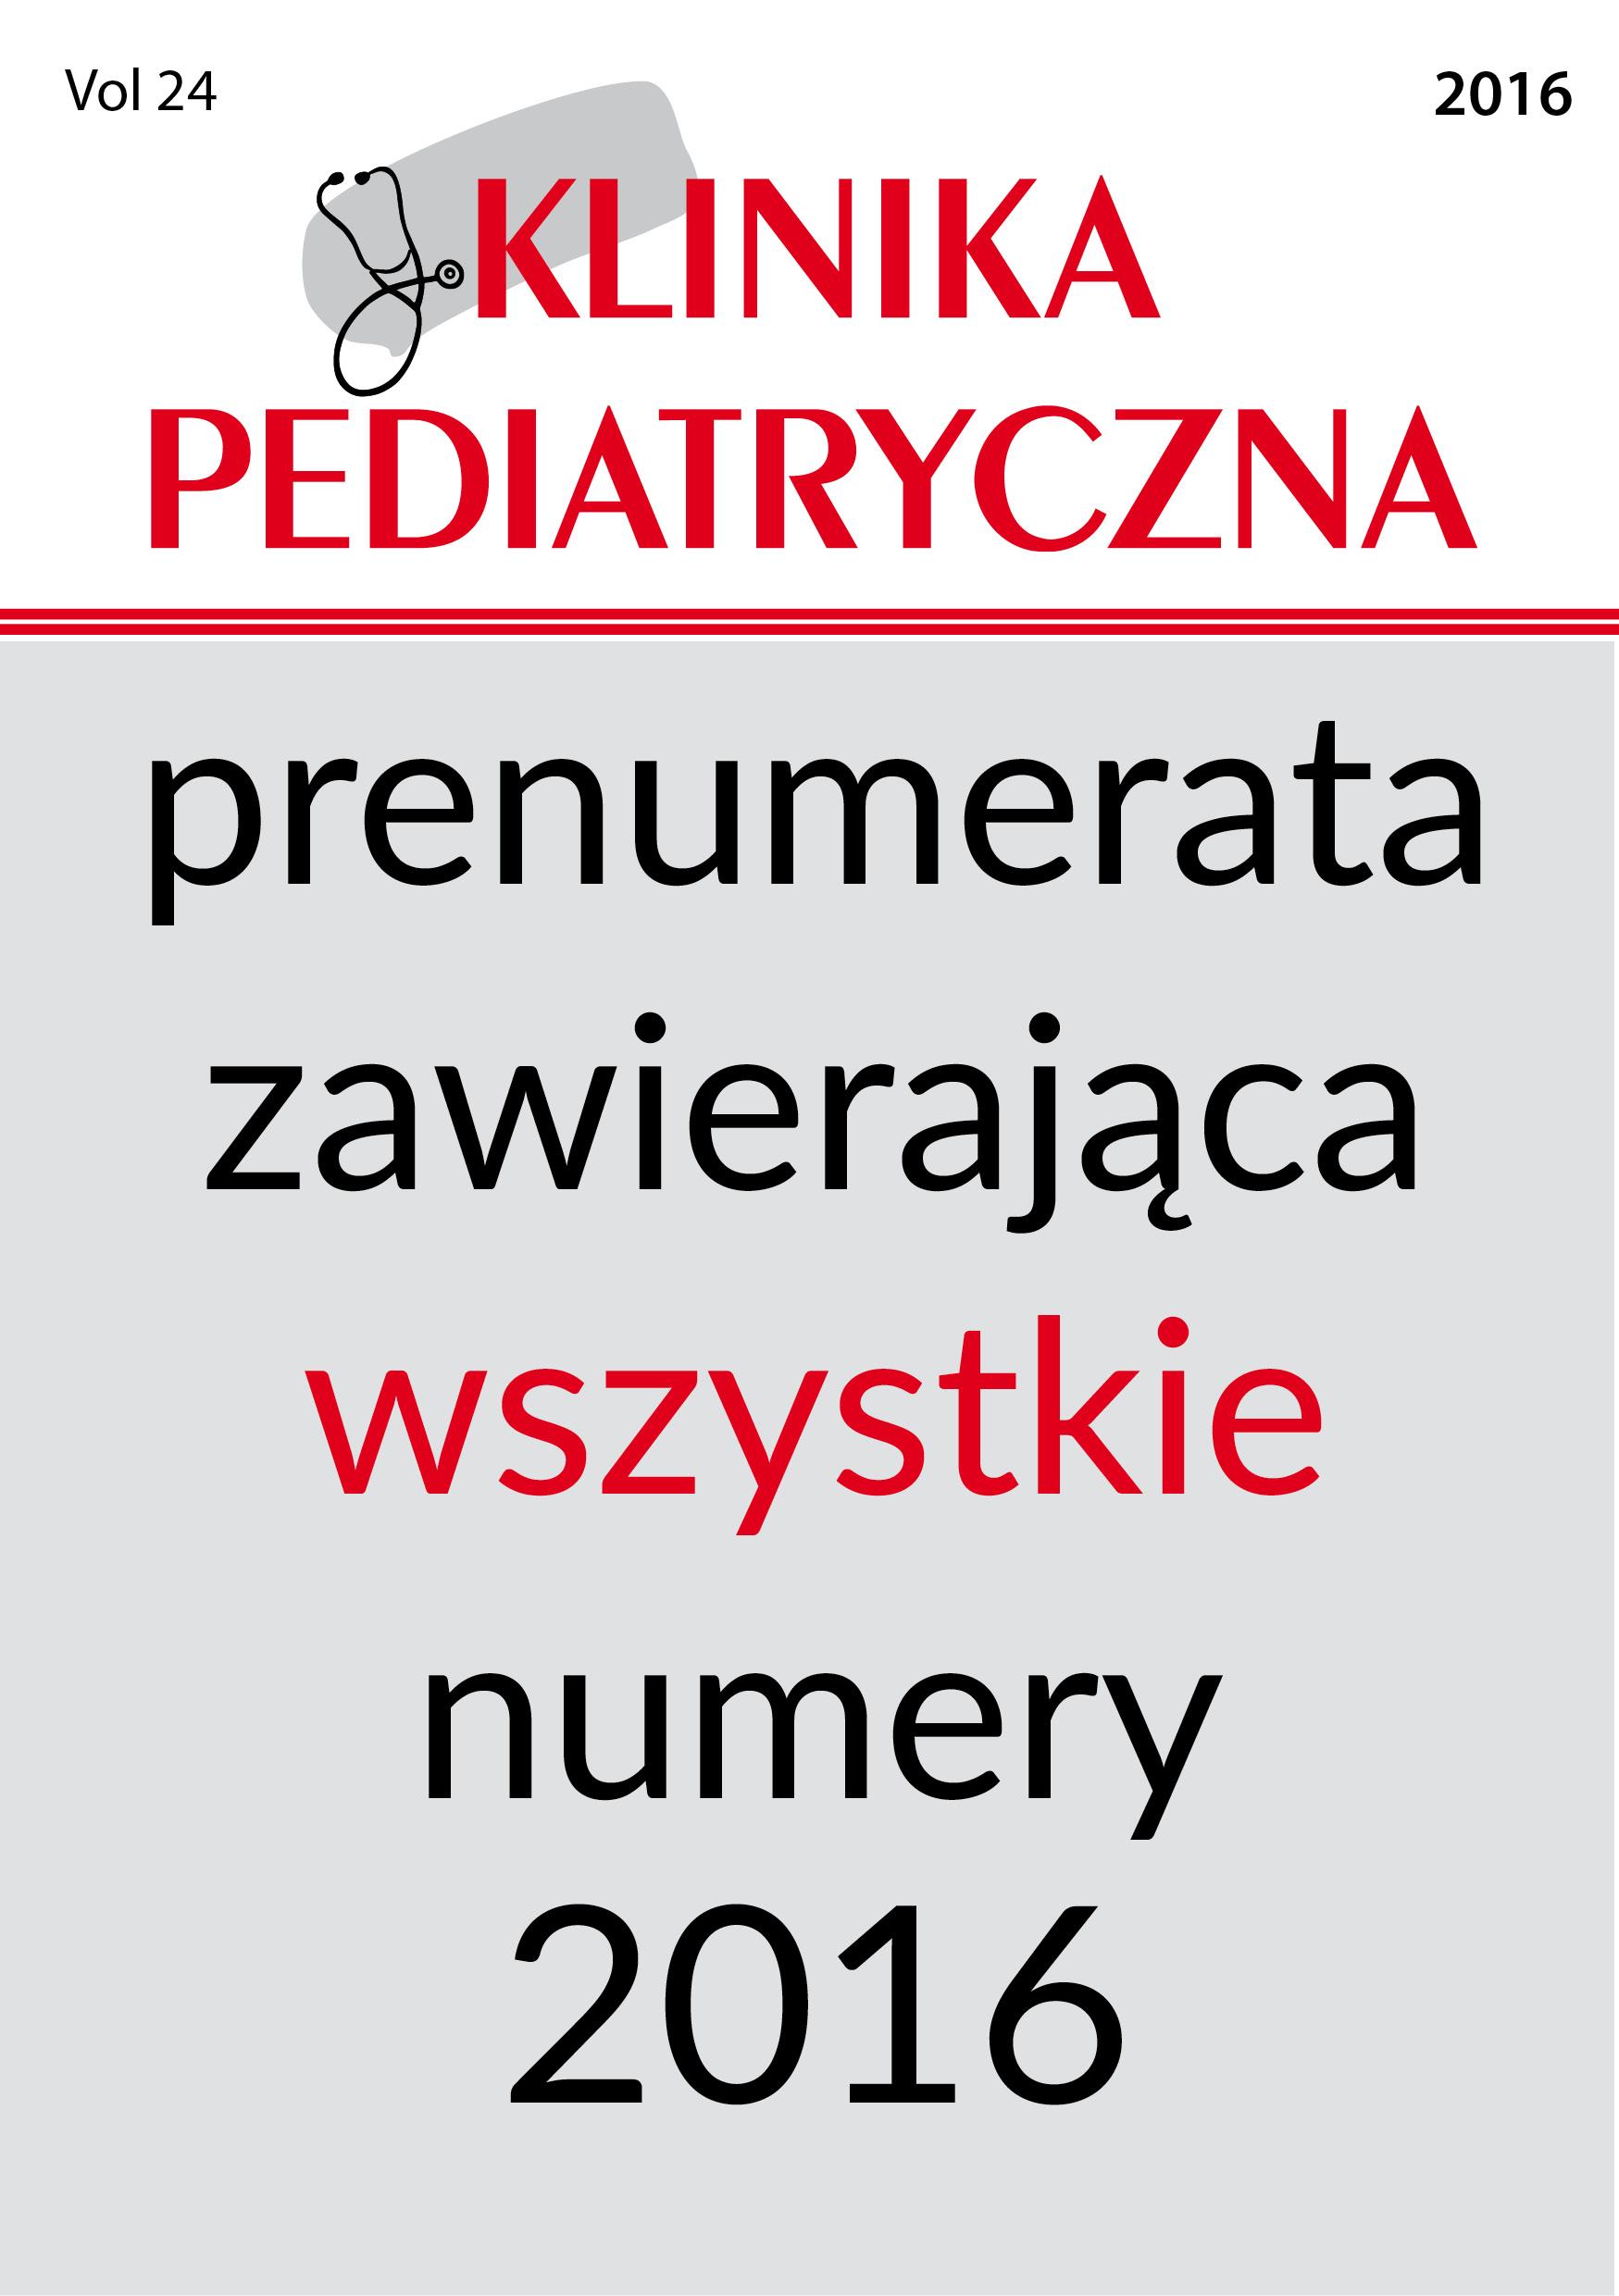 Prenumerata Kliniki Pediatrycznej na rok 2016 (wszystkie 7 numerów)